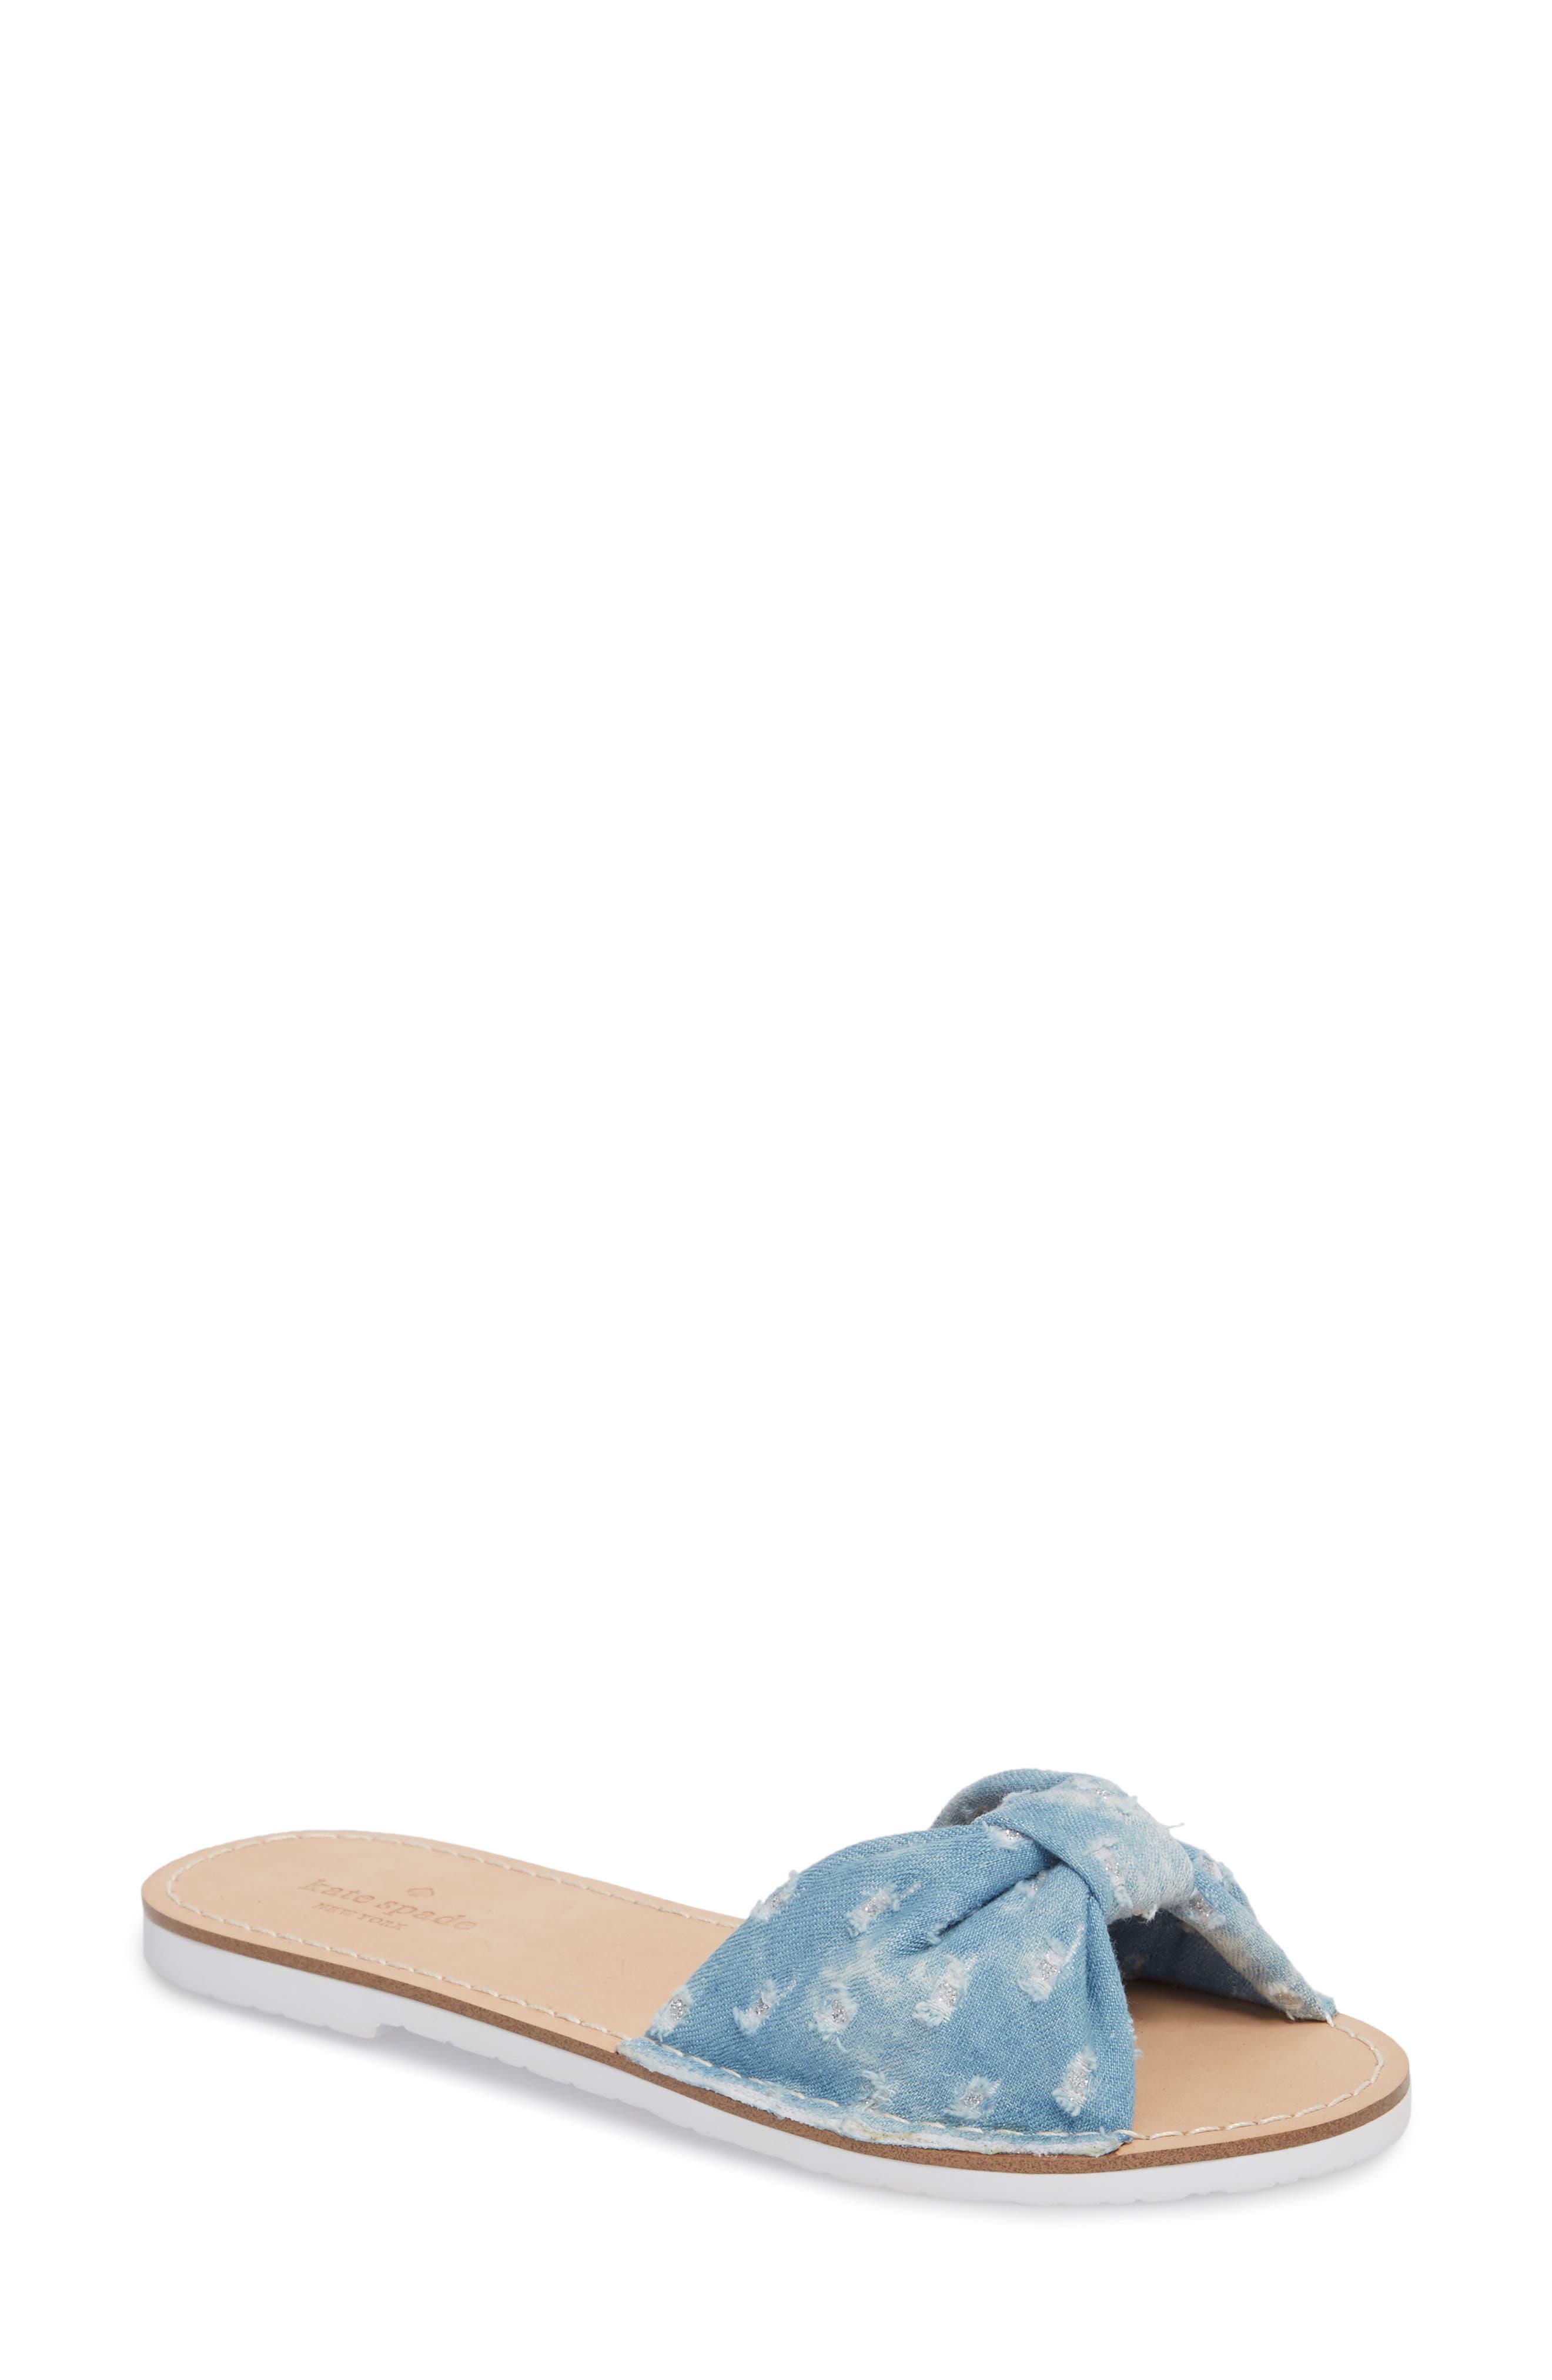 Women's Indi Slide Sandal